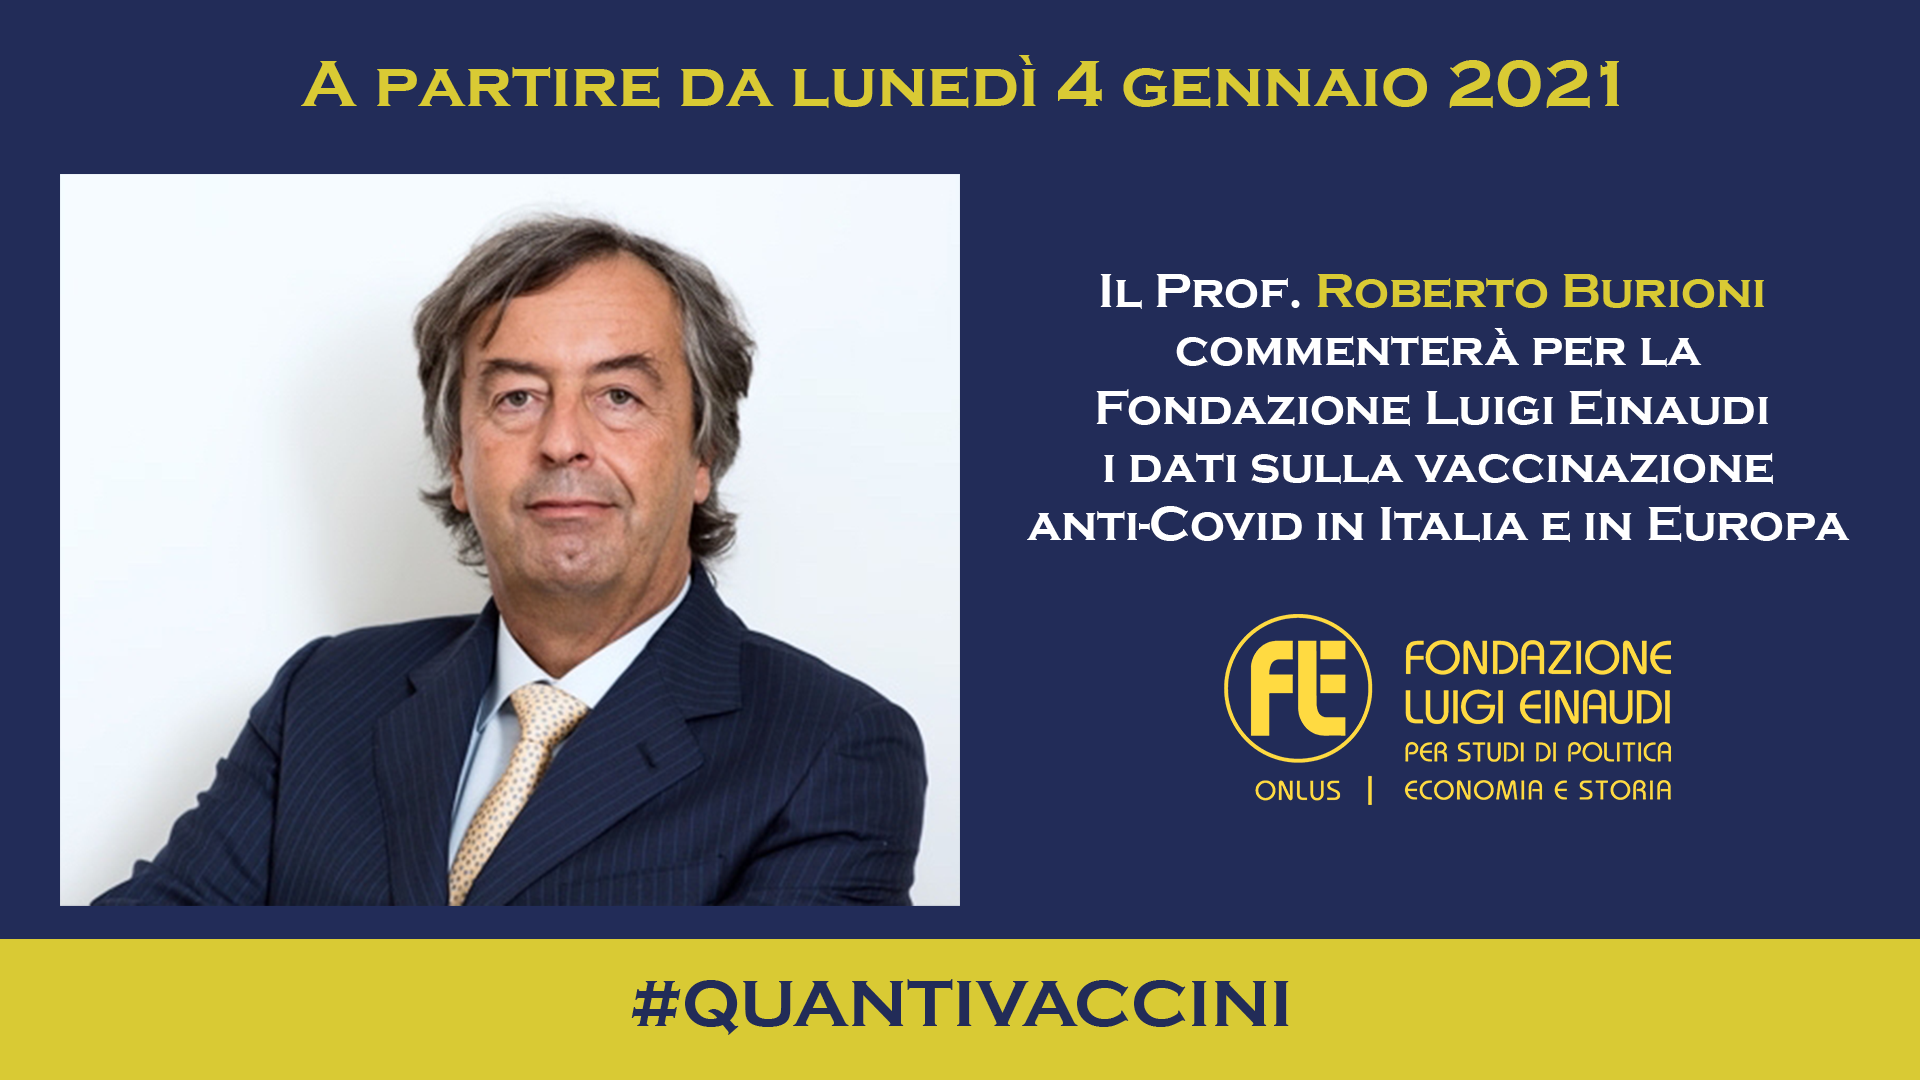 Roberto Burioni in collaborazione con la FLE dal 4 gennaio 2021